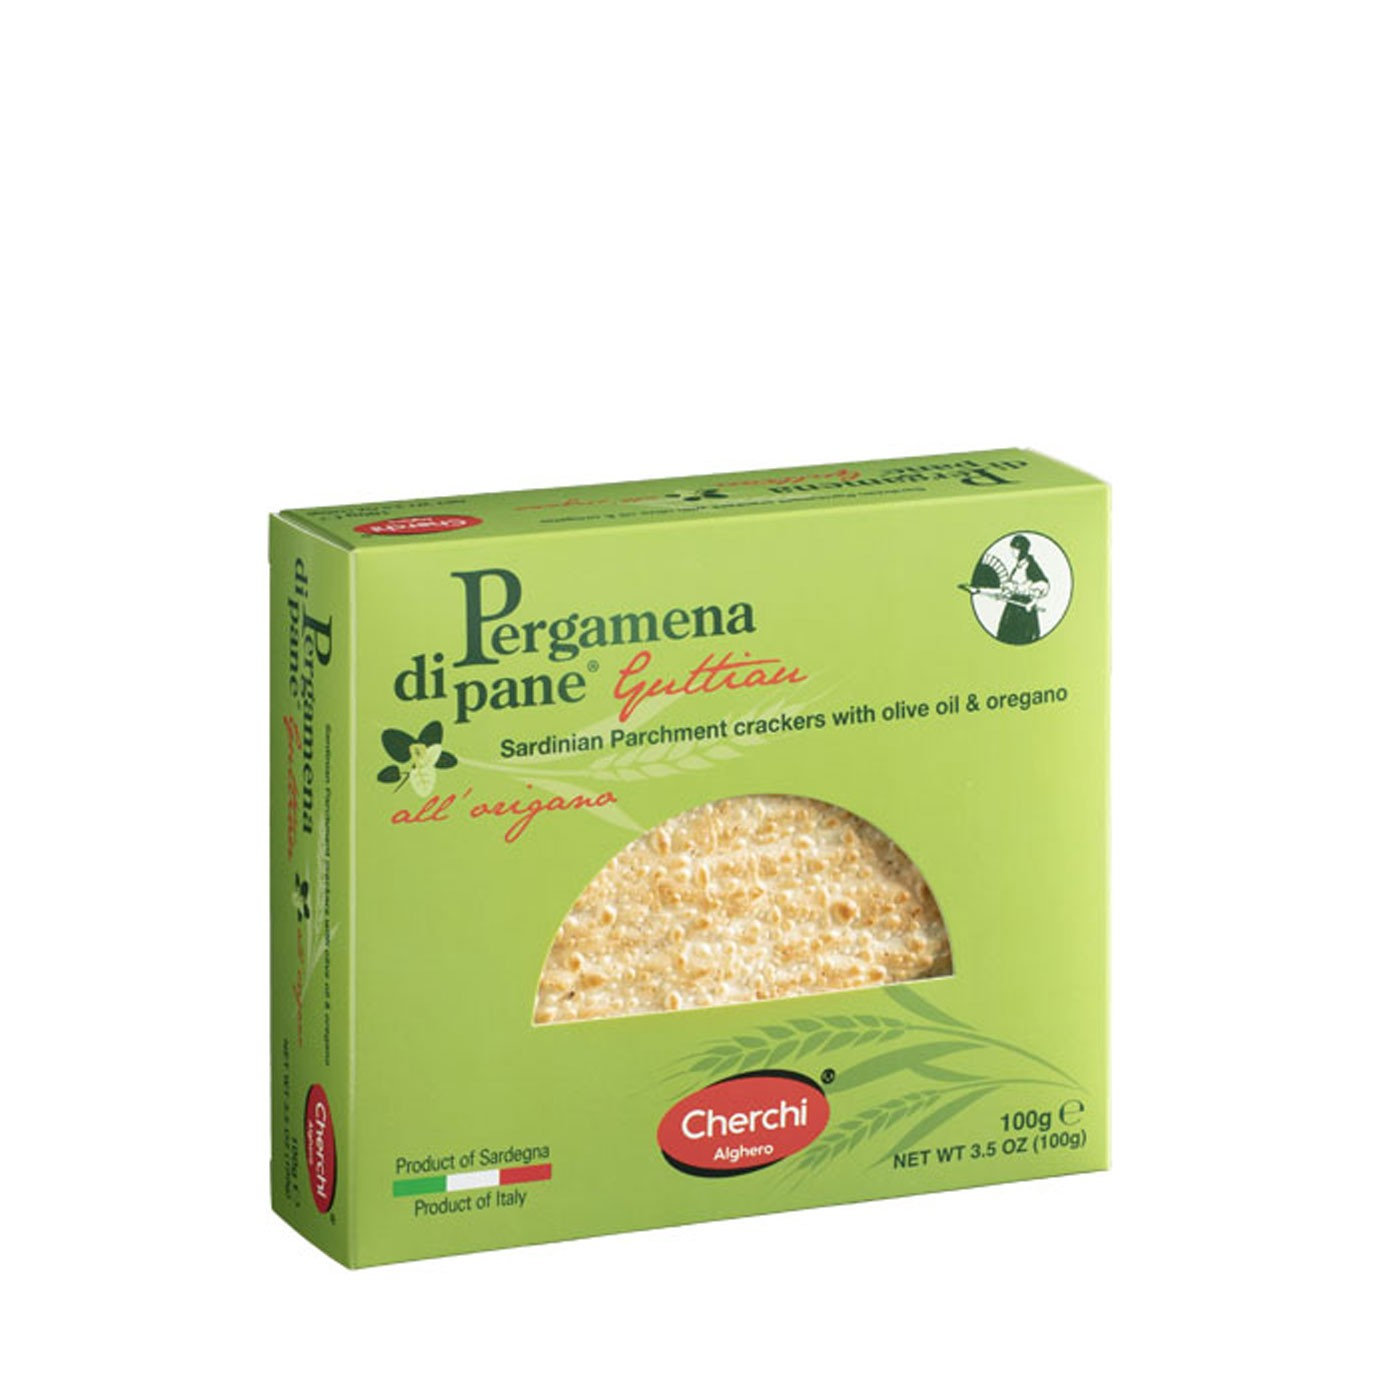 Pergamena di Pane with Oregano Crispbread 3.5 oz - Cherchi | Eataly.com